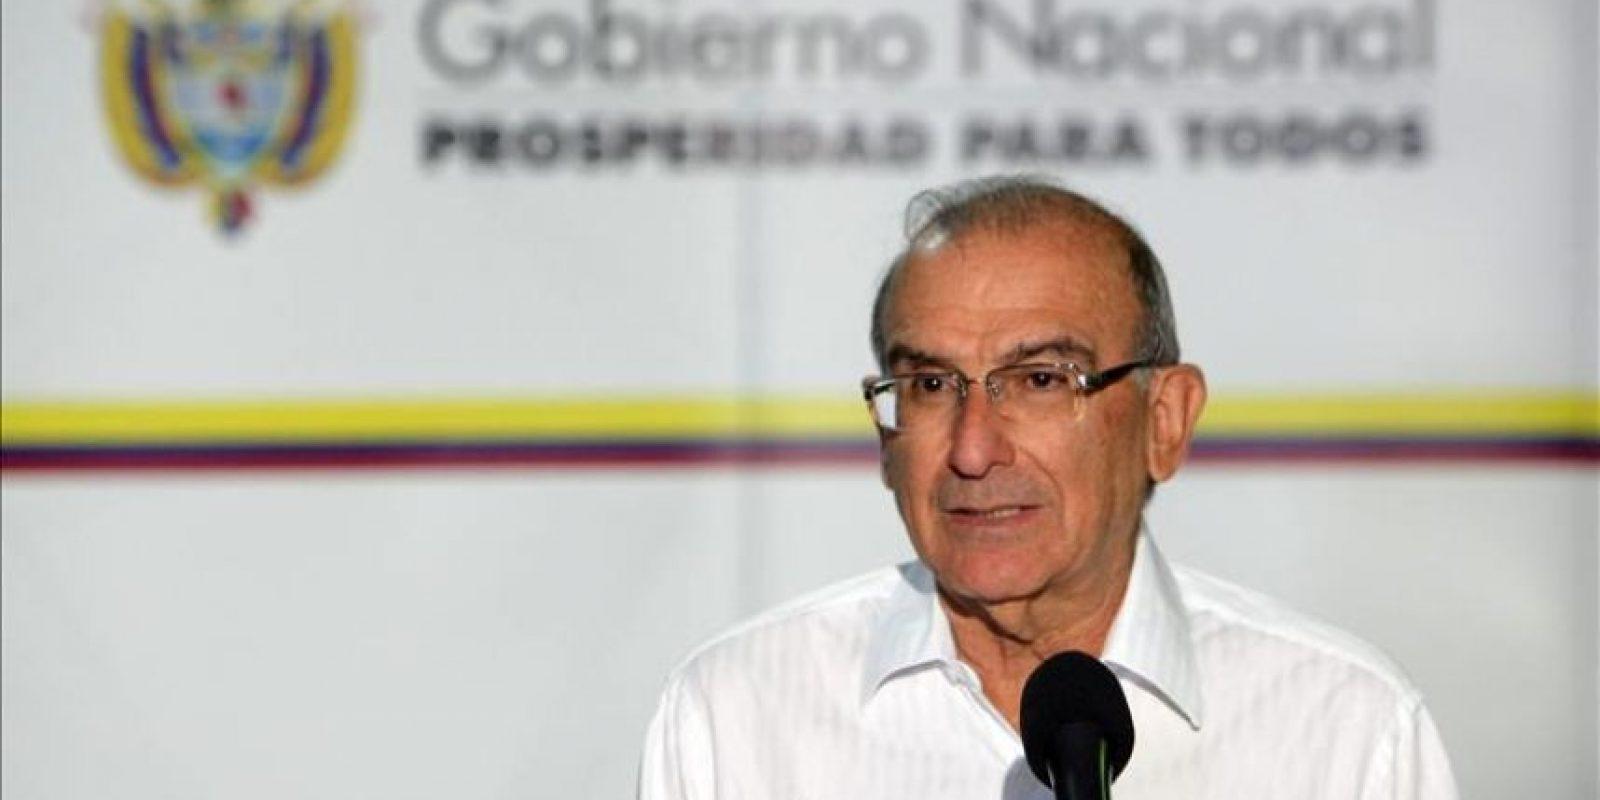 El jefe de la delegación del Gobierno colombiano en los diálogos de paz con las FARC, Humberto de la Calle, fue registrado este miércoles al leer un comunicado en el Palacio de Convenciones de La Habana (Cuba). EFE